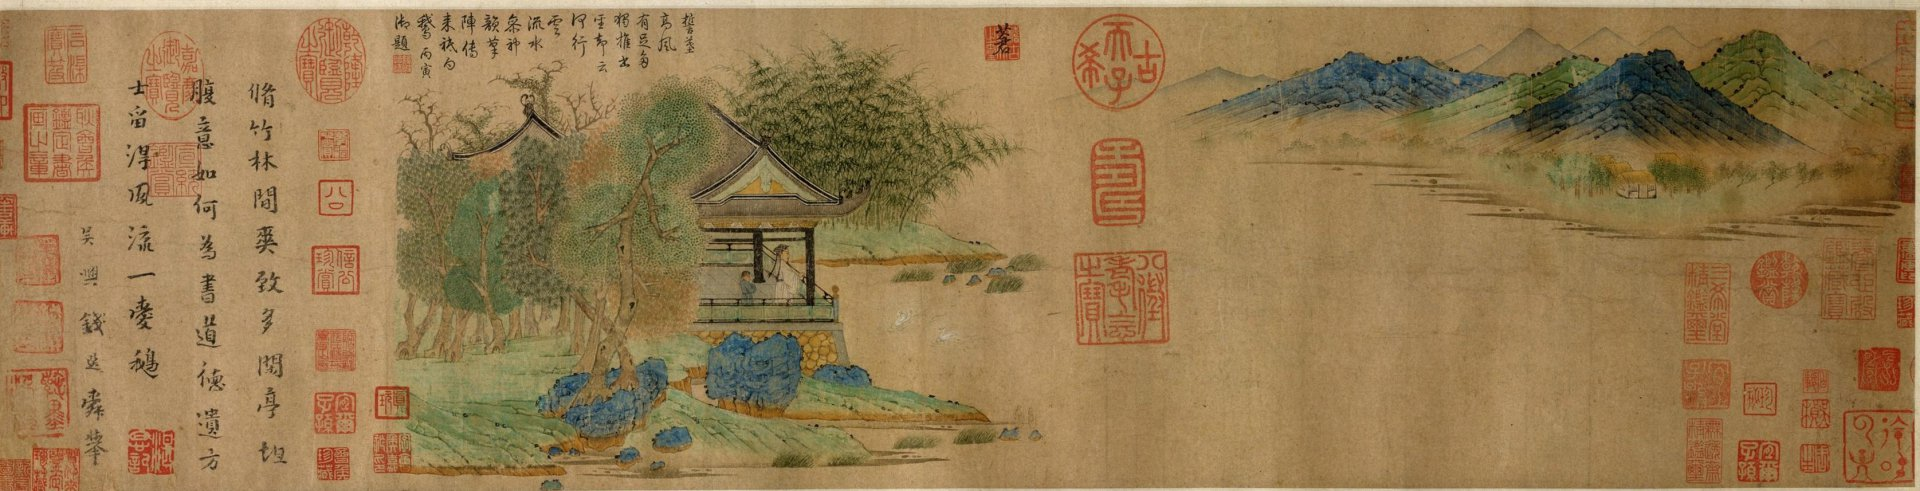 Цянь Сюань2_Qian_Xuan_Wang_Xizhi_Watching_Geese._(23,2x92,7cm)_Metropolitan_gMuseum_of_Art,_N-Y.jpg